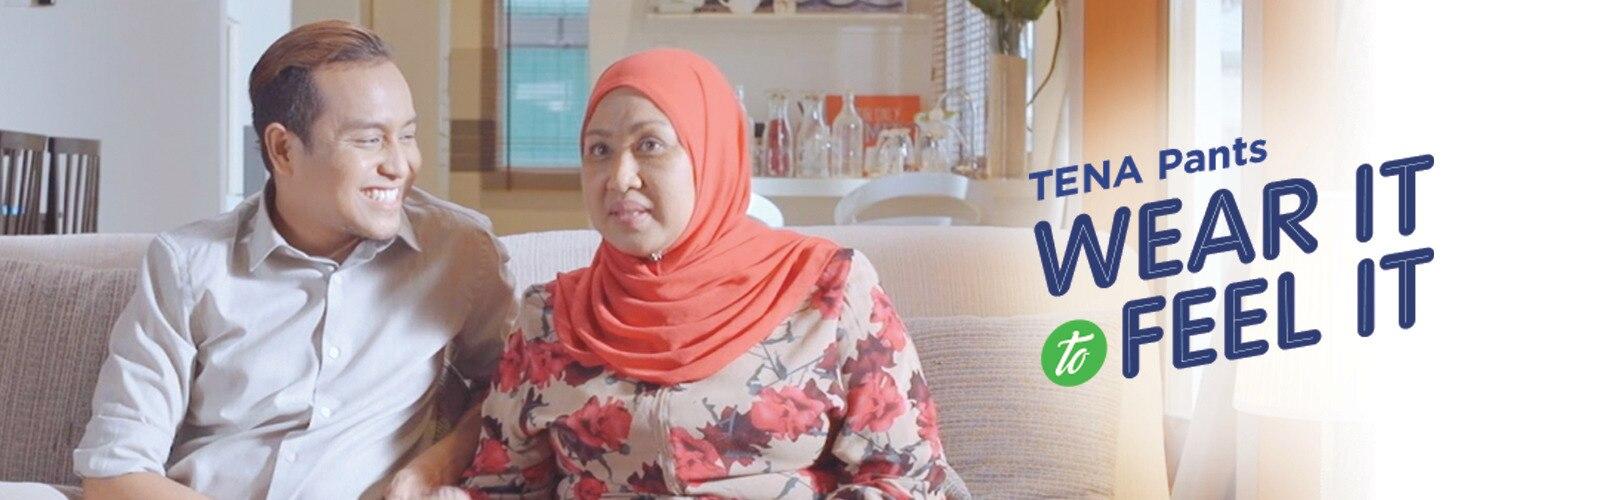 Ibu dan anak berbual mengenai TENA Pants di ruang tamu